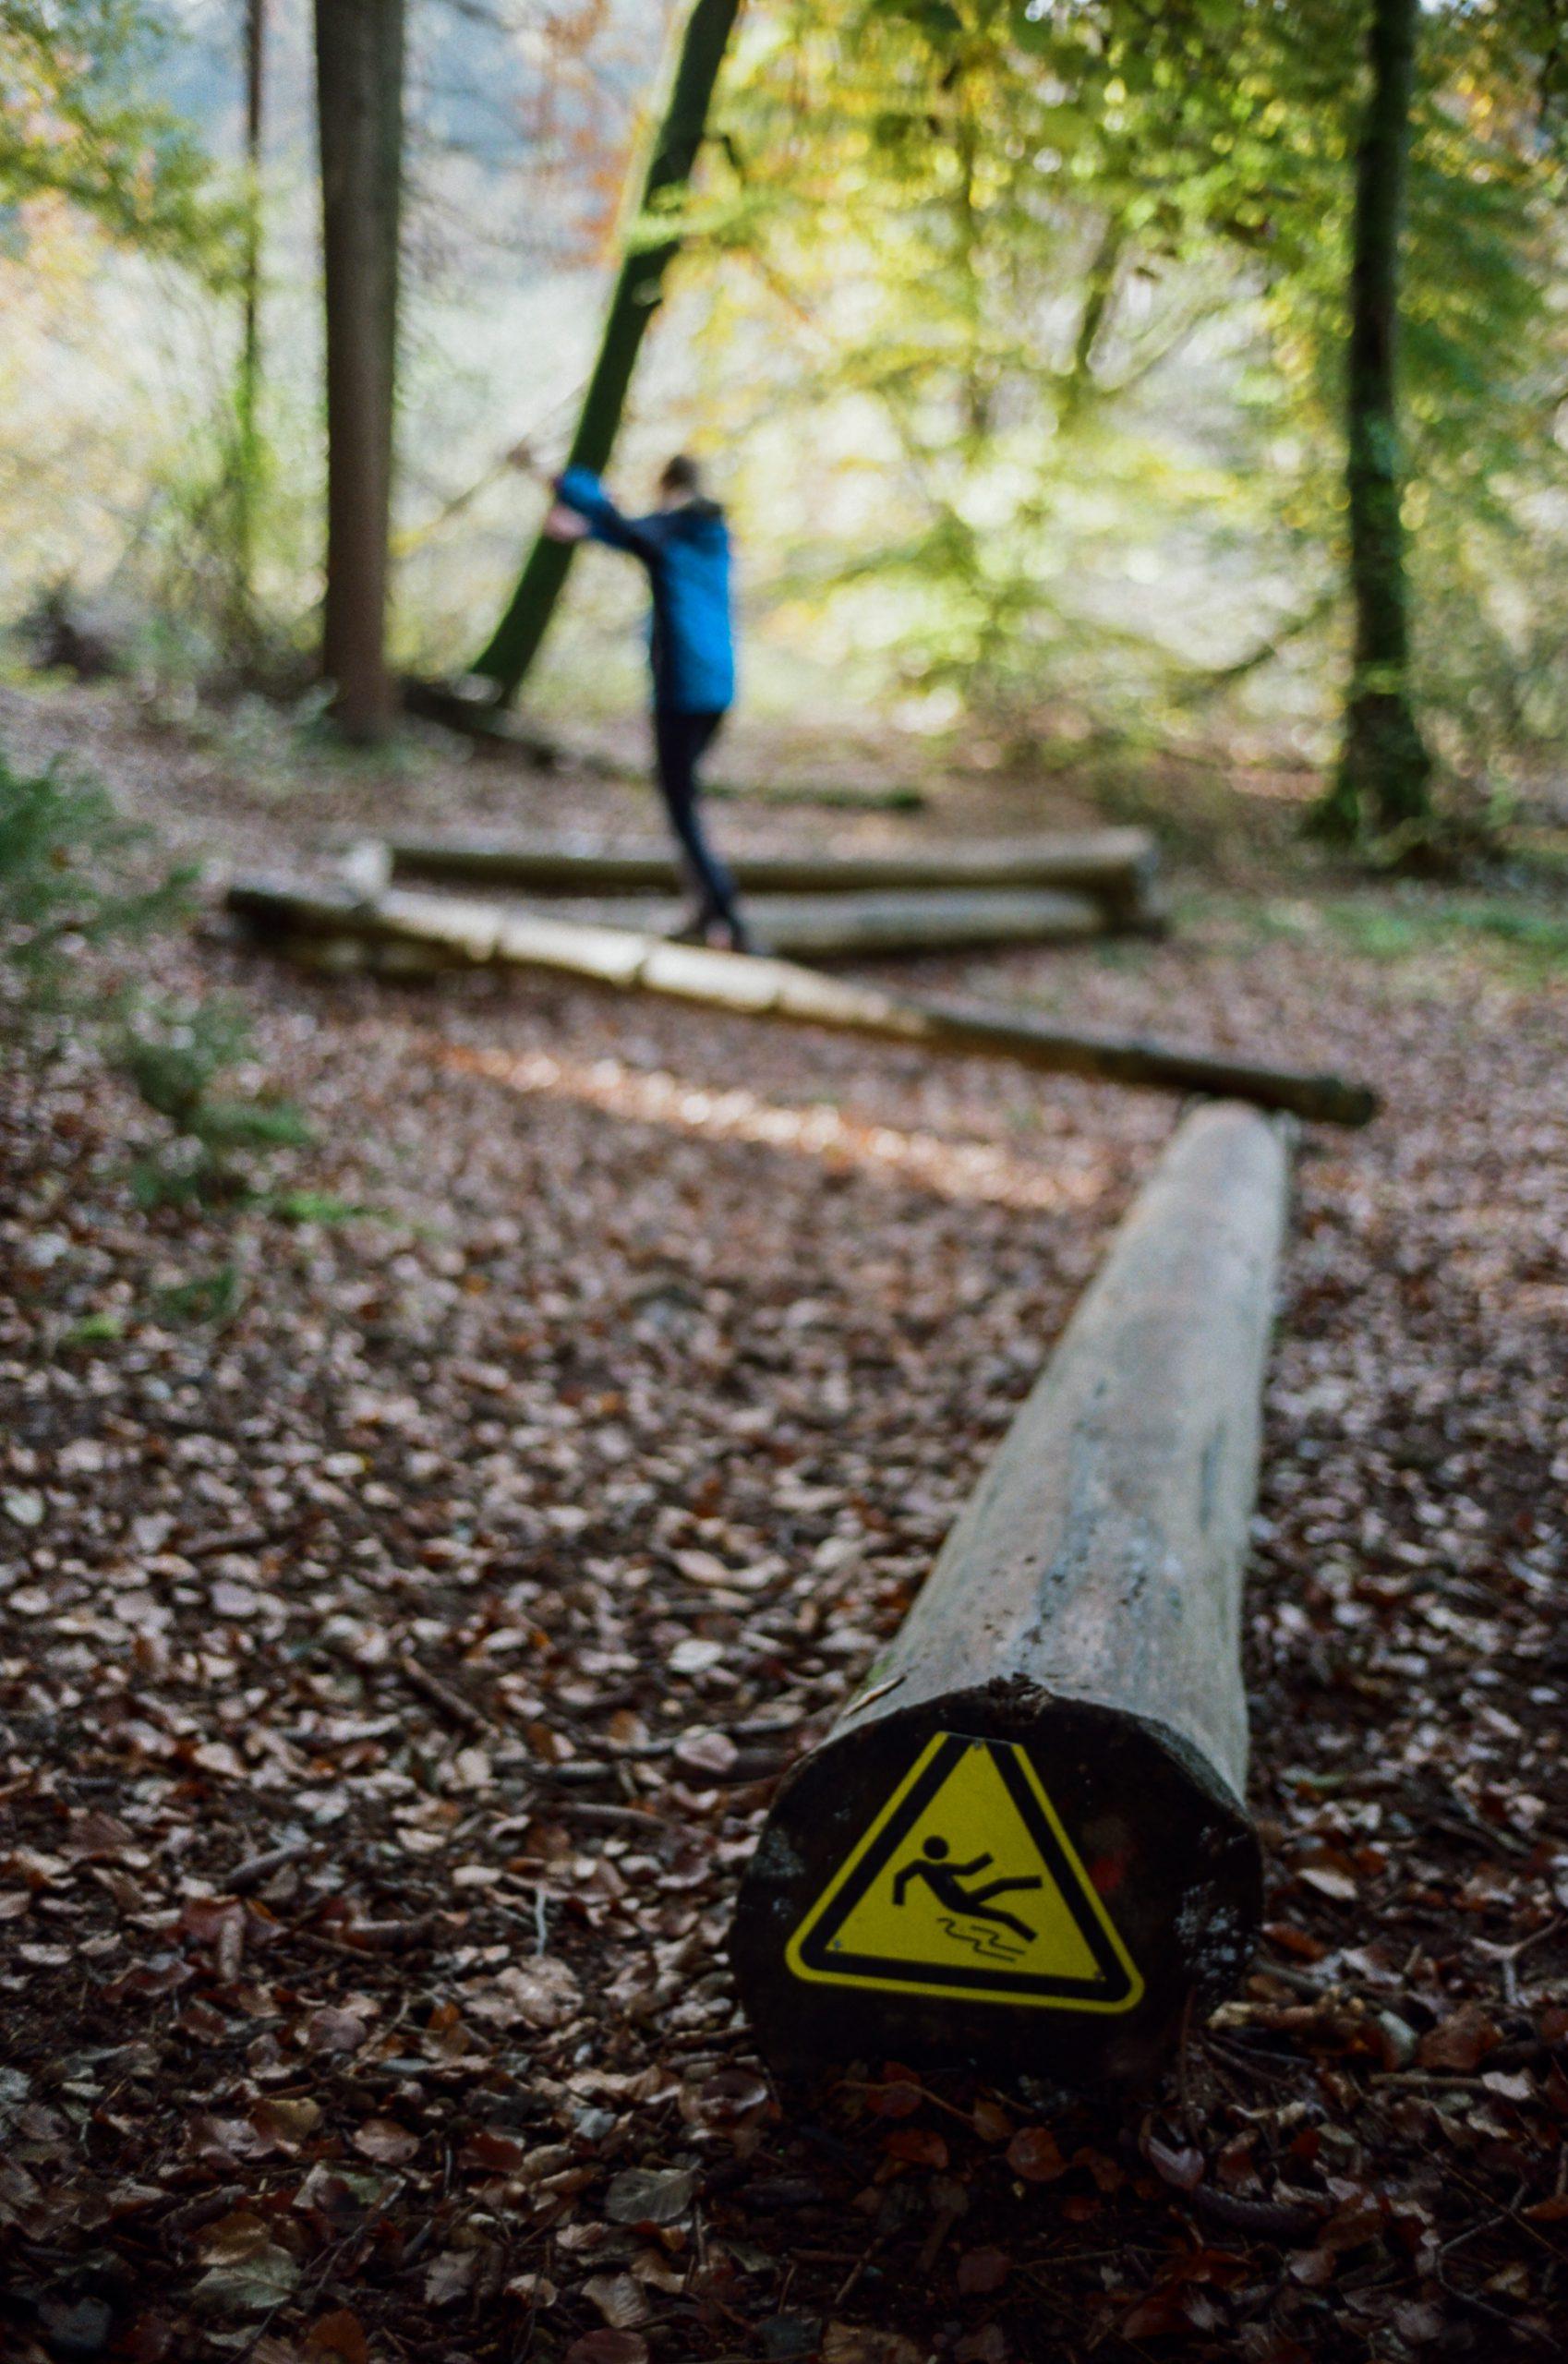 Take care. In einem der Wälder bei Konstanz. BessaR4M, Voigtländer Nokton 35/1.4 II MC. Kodak ProImage100.